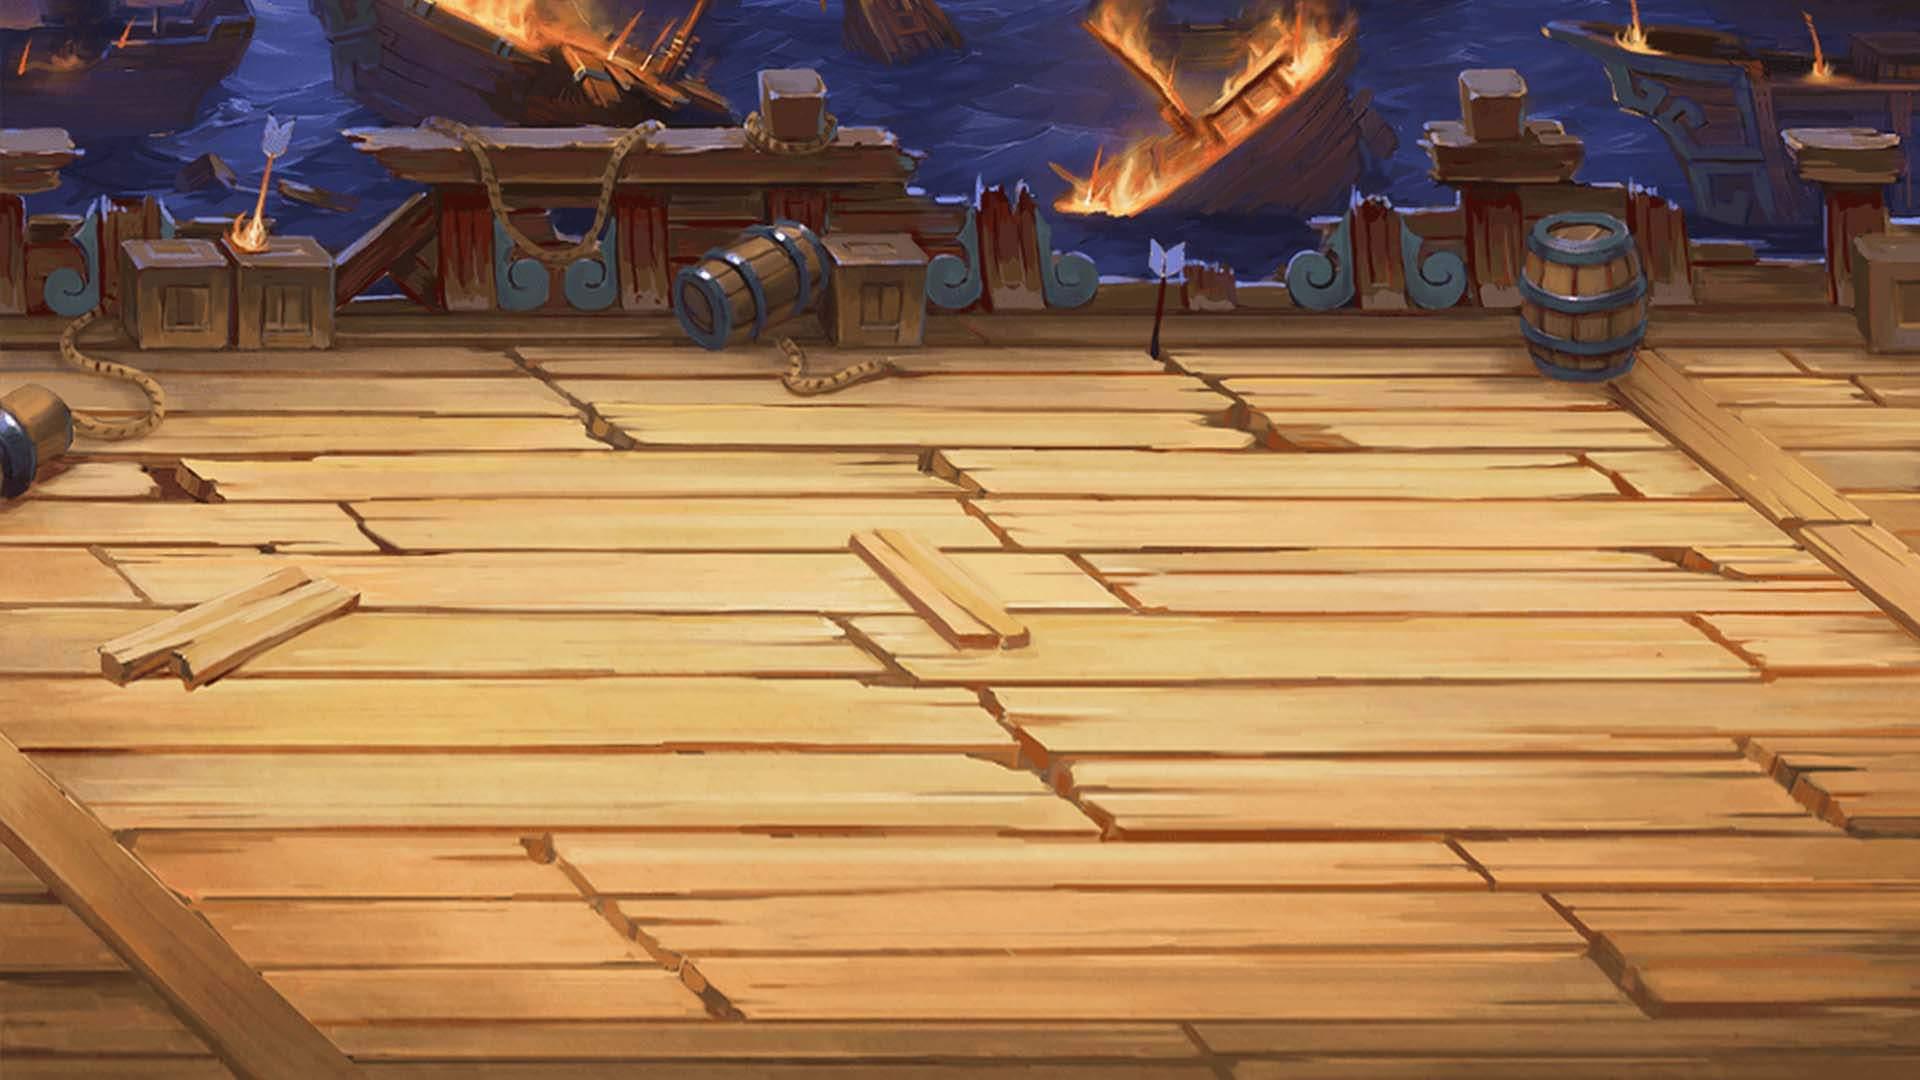 武神三国志游戏截图3